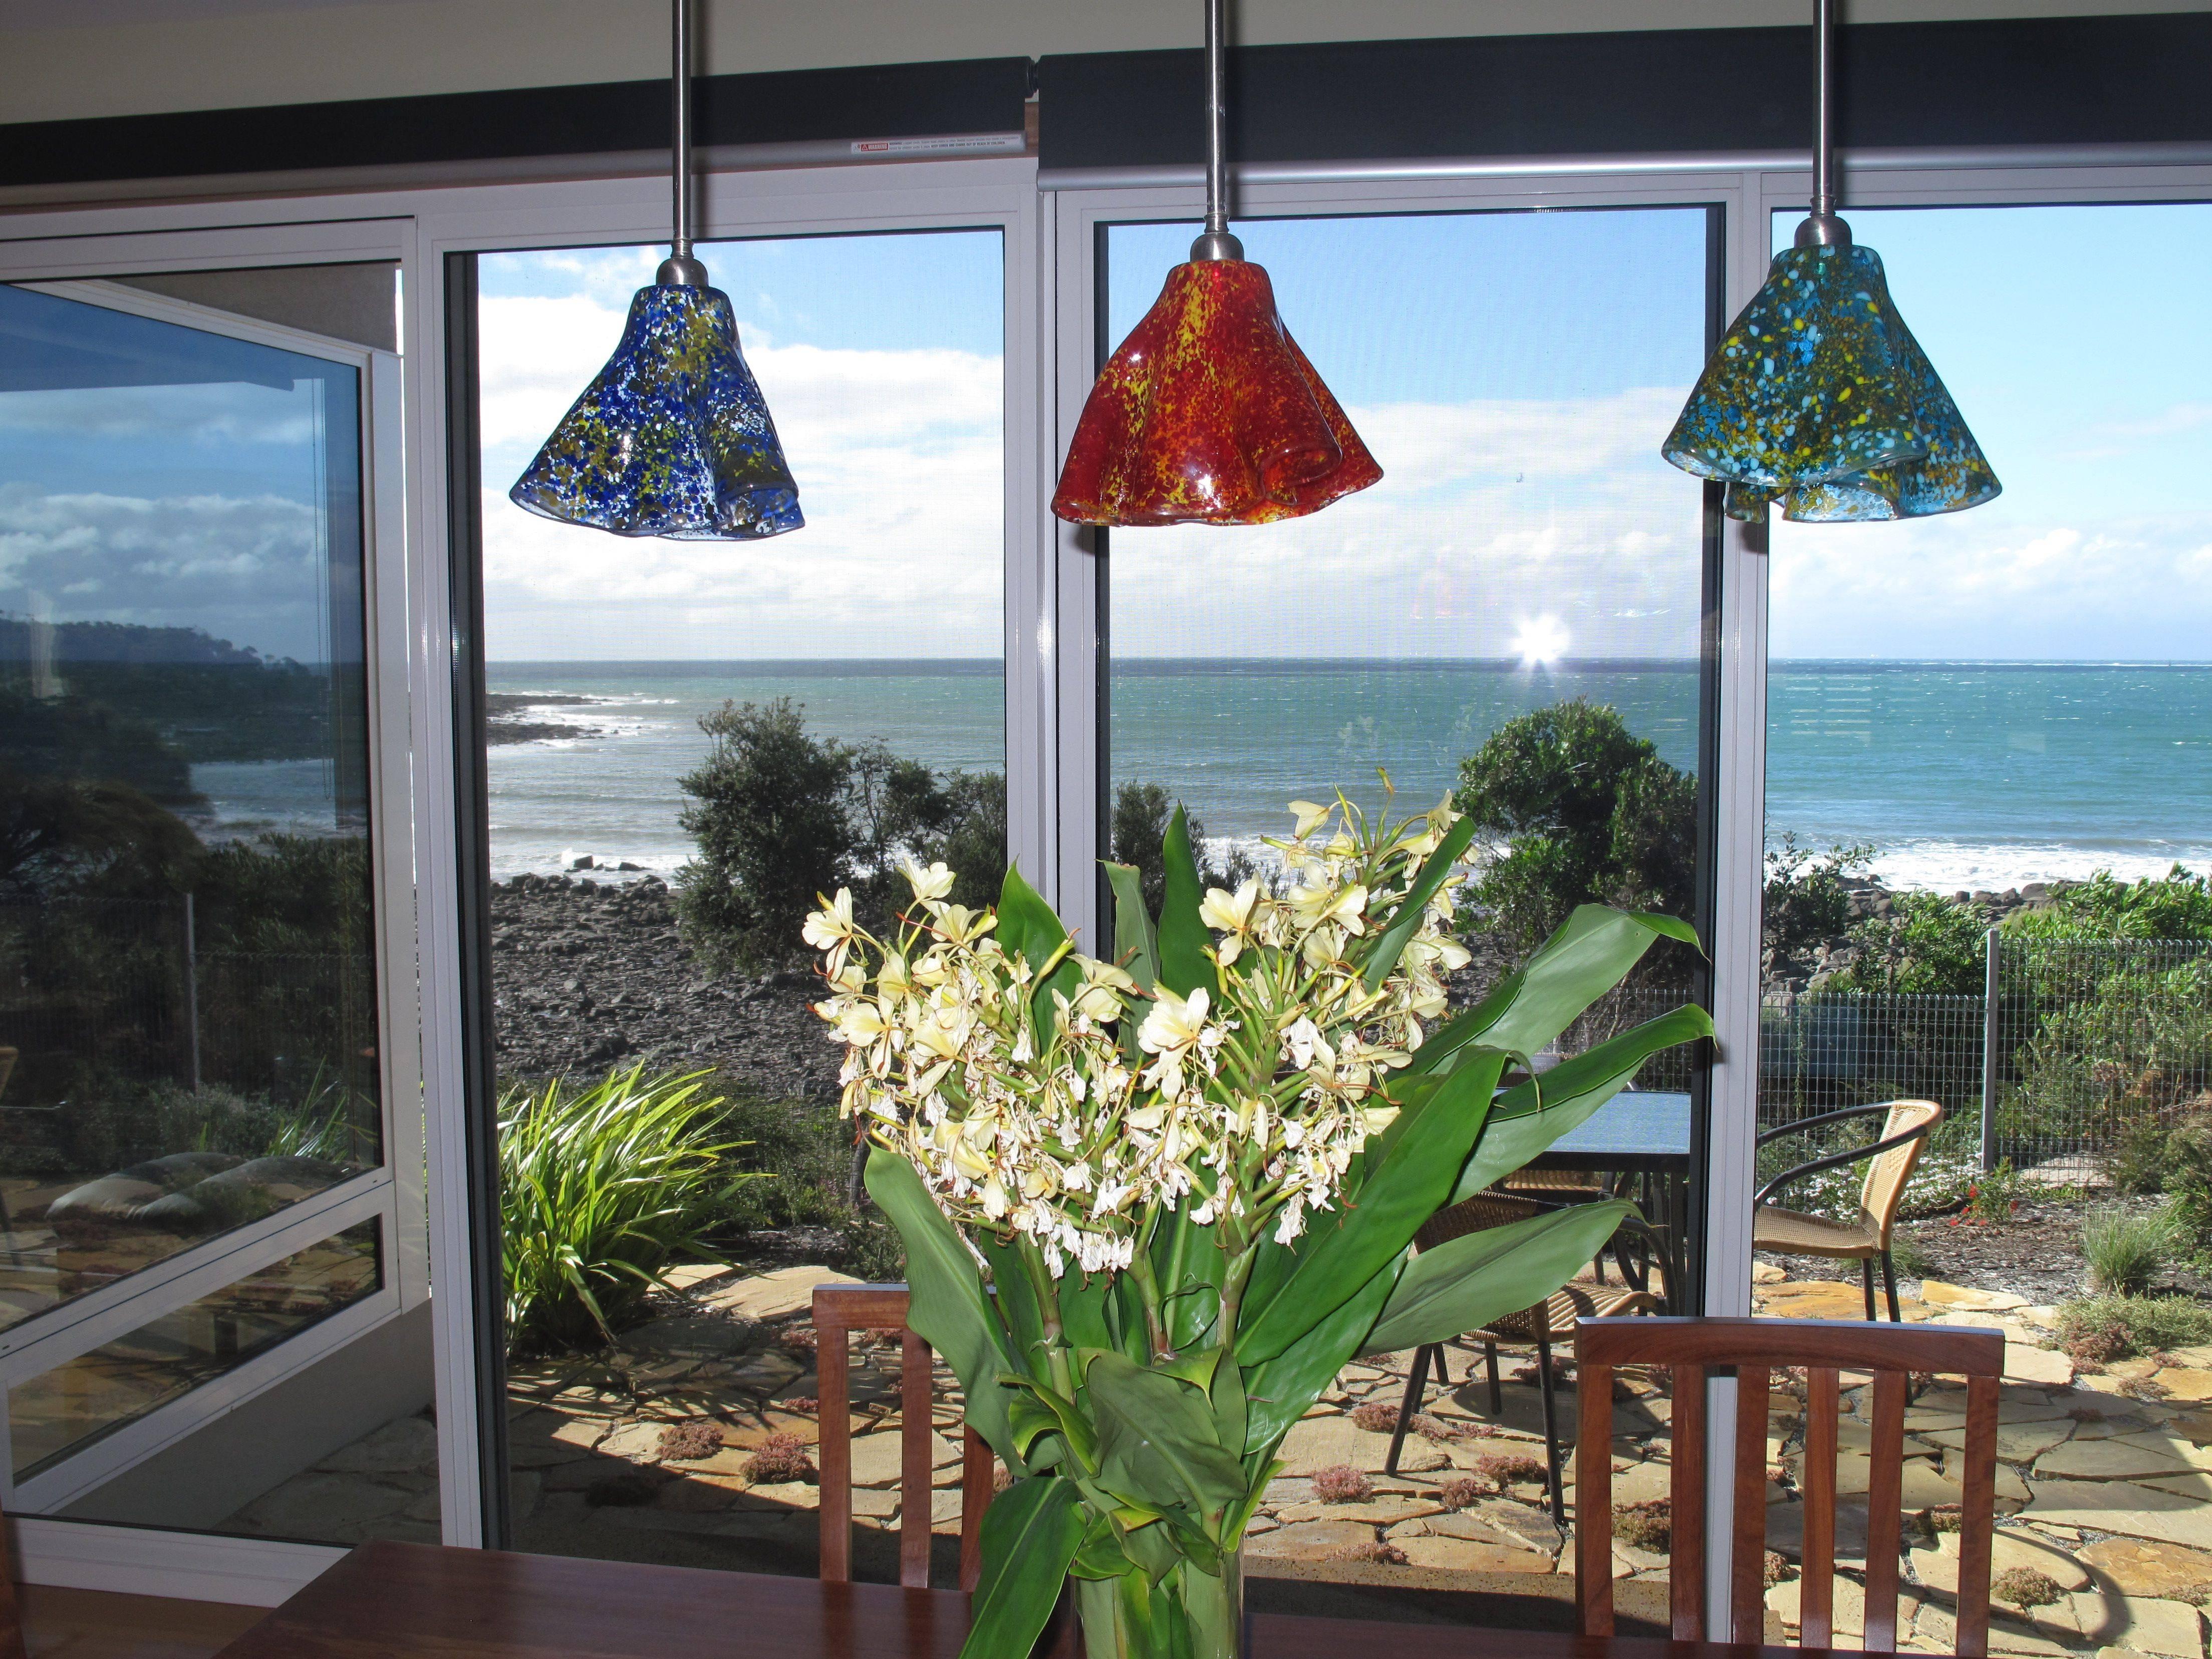 Art Glass Pendant Lights - Helen Rudy Glass regarding Art Glass Pendant Lights Shades (Image 3 of 15)